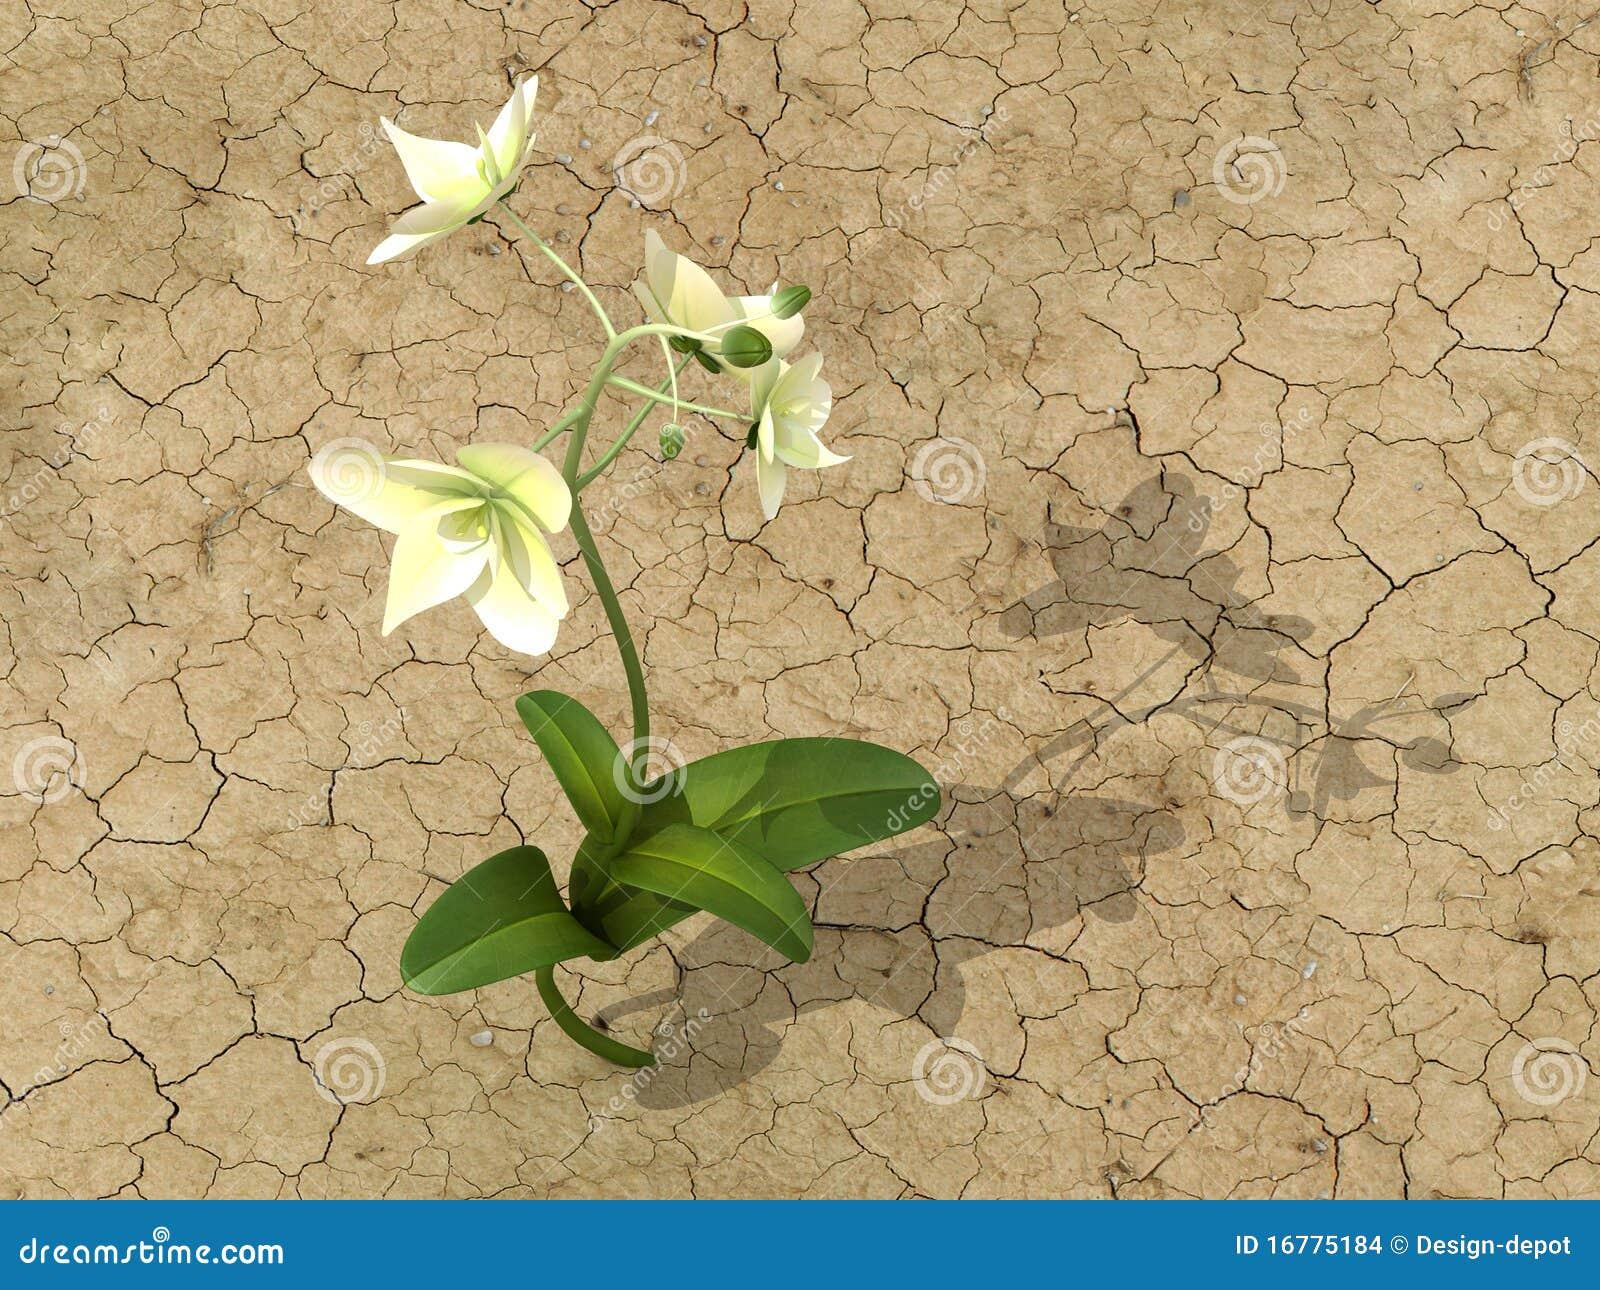 Flor No Deserto Ilustração Stock Ilustração De Sumário 16775184